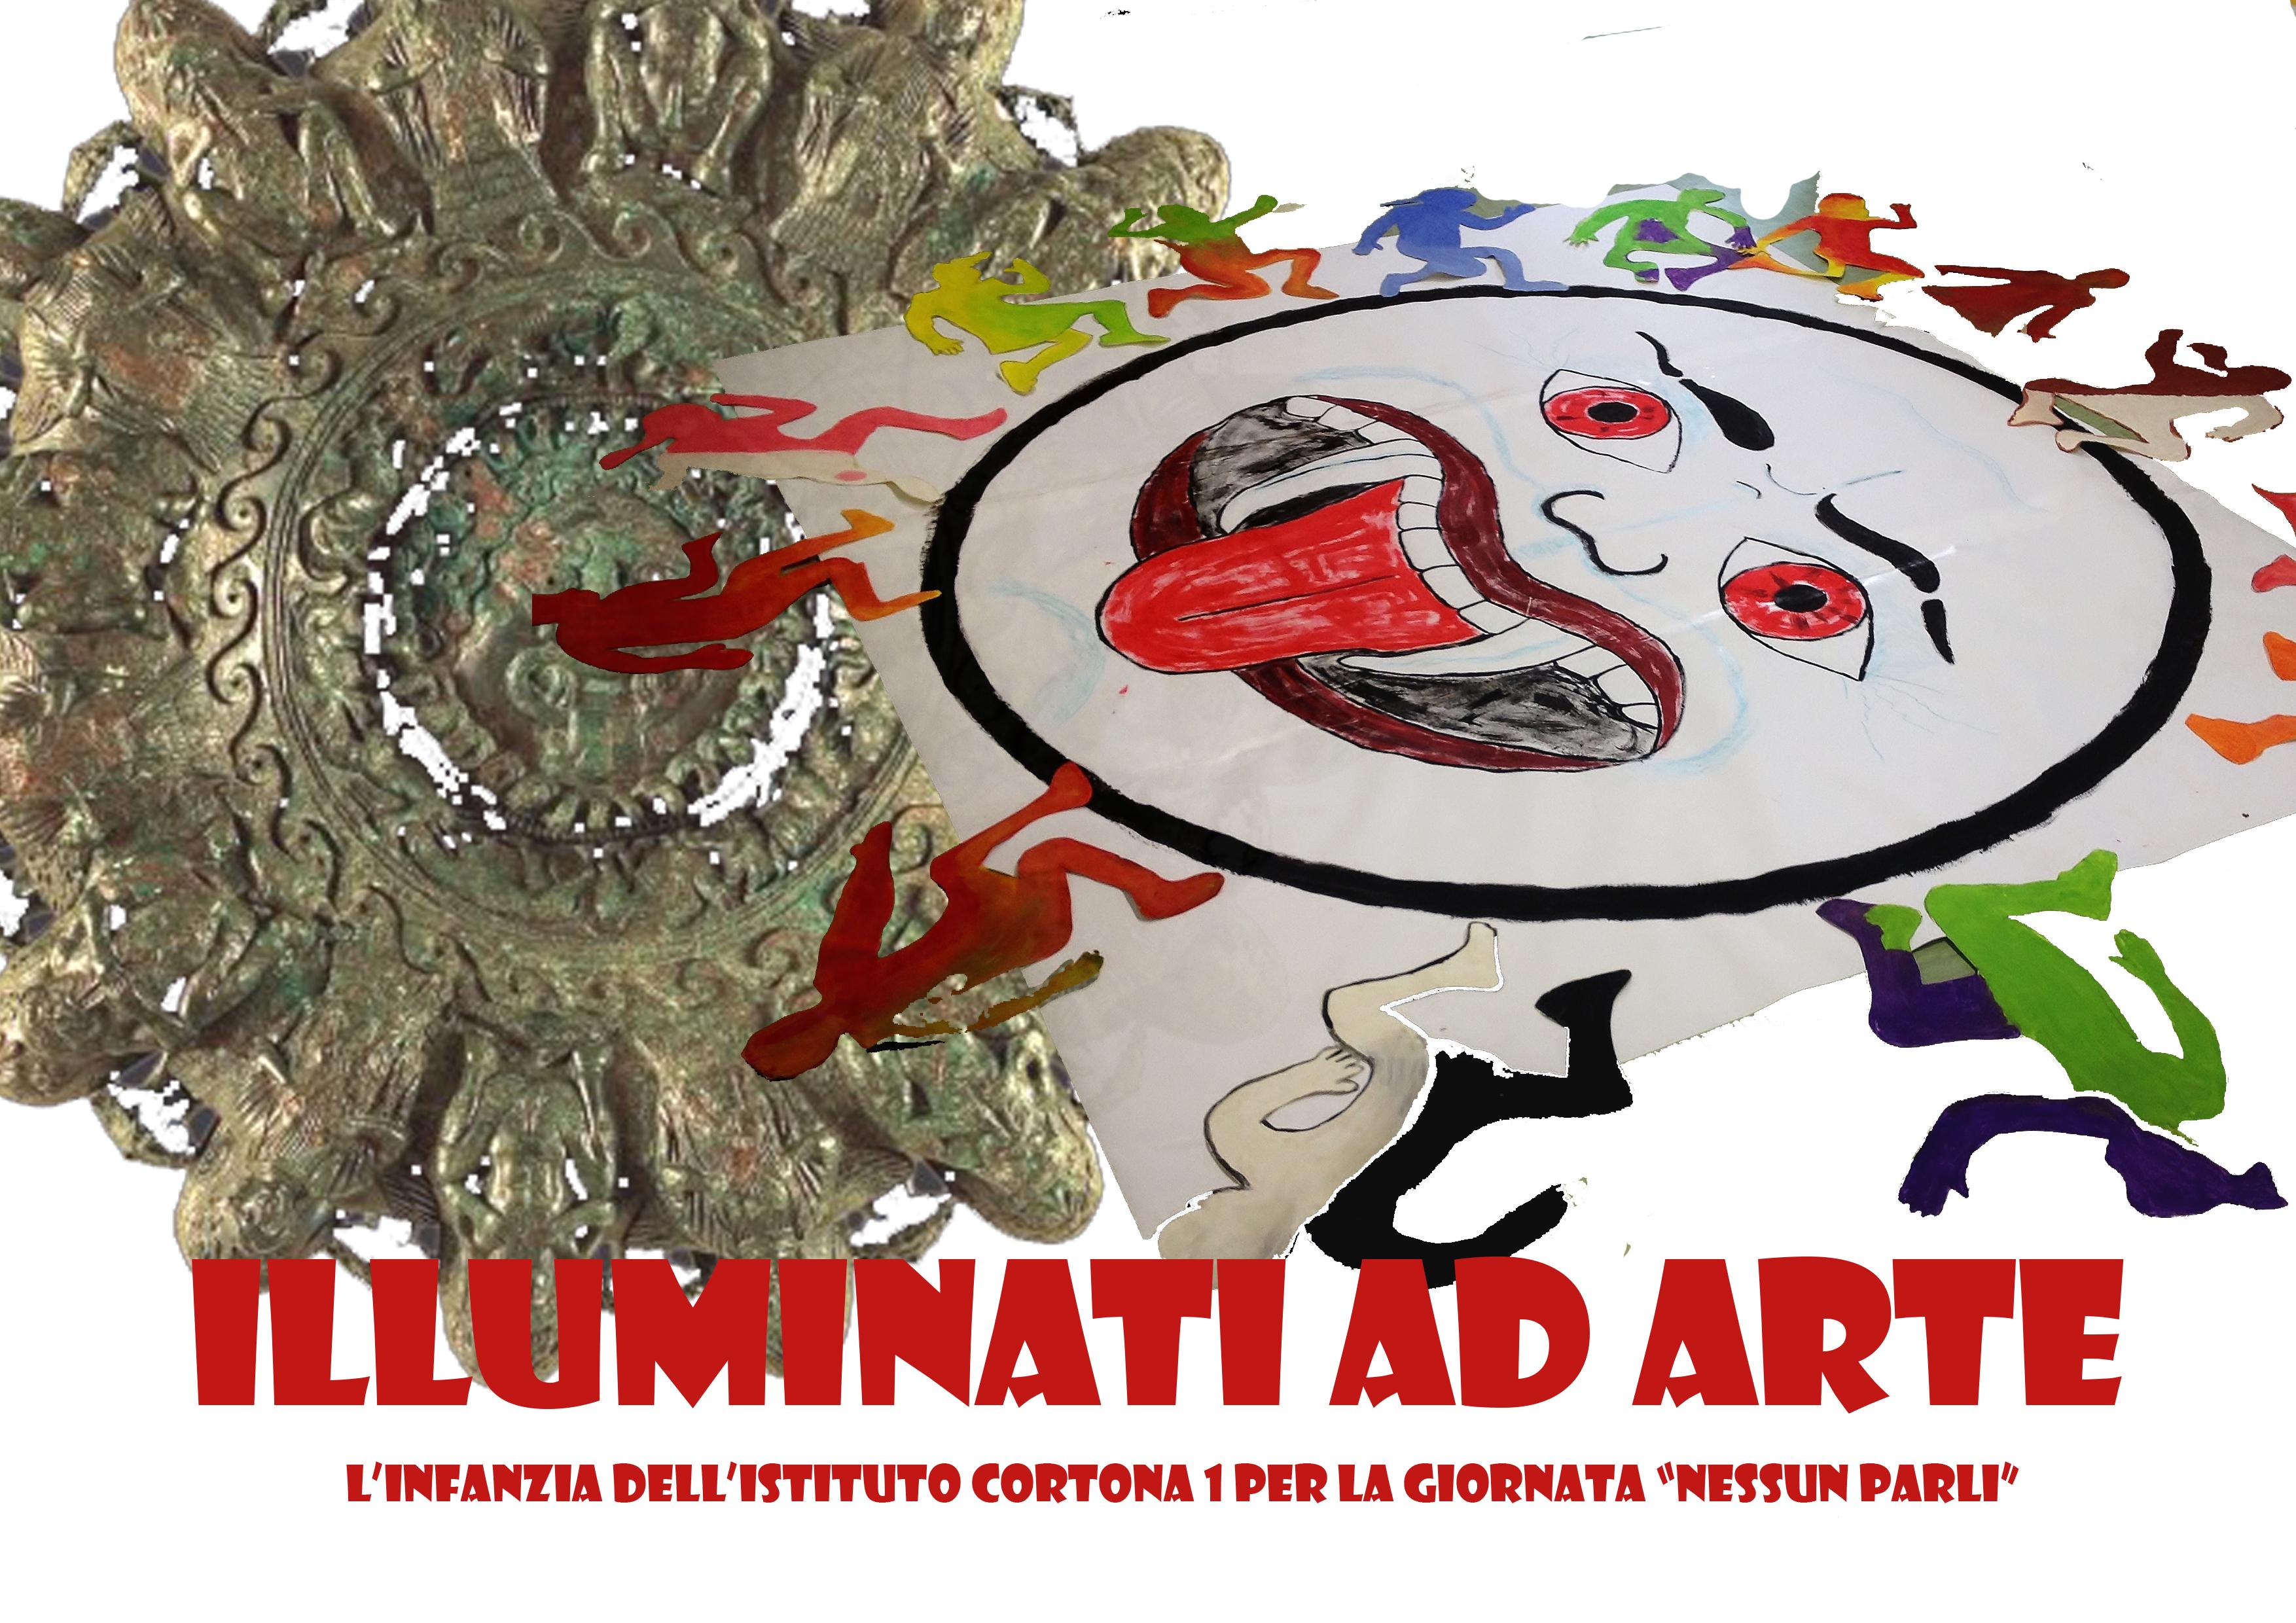 In Piazza Signorelli un'installazione realizzata dagli studenti dell'Istituto Comprensivo